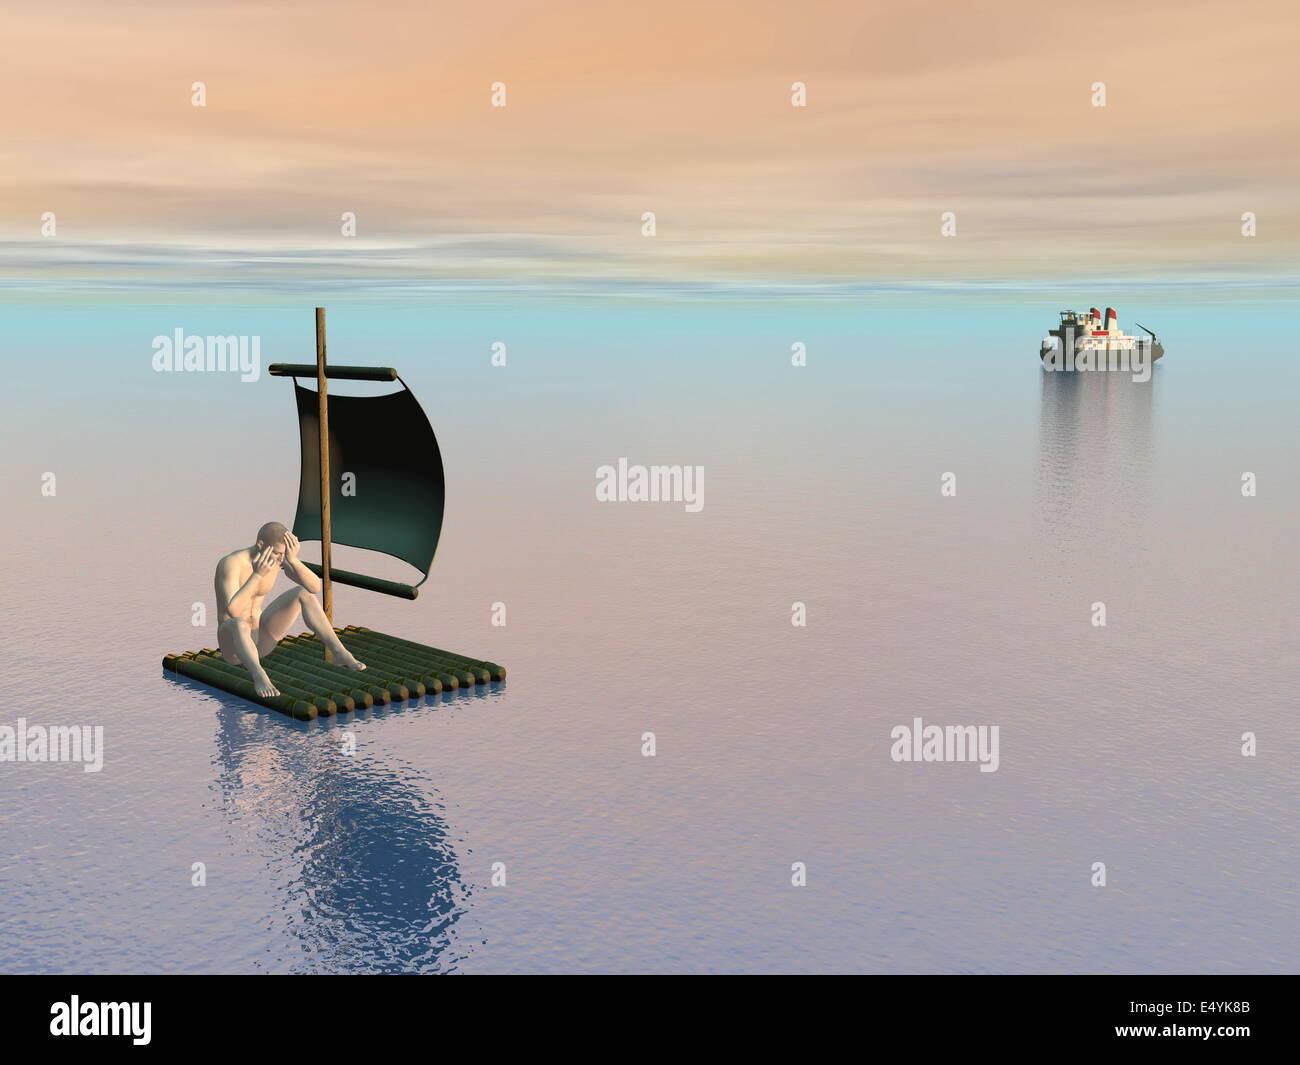 No help - 3D render - Stock Image